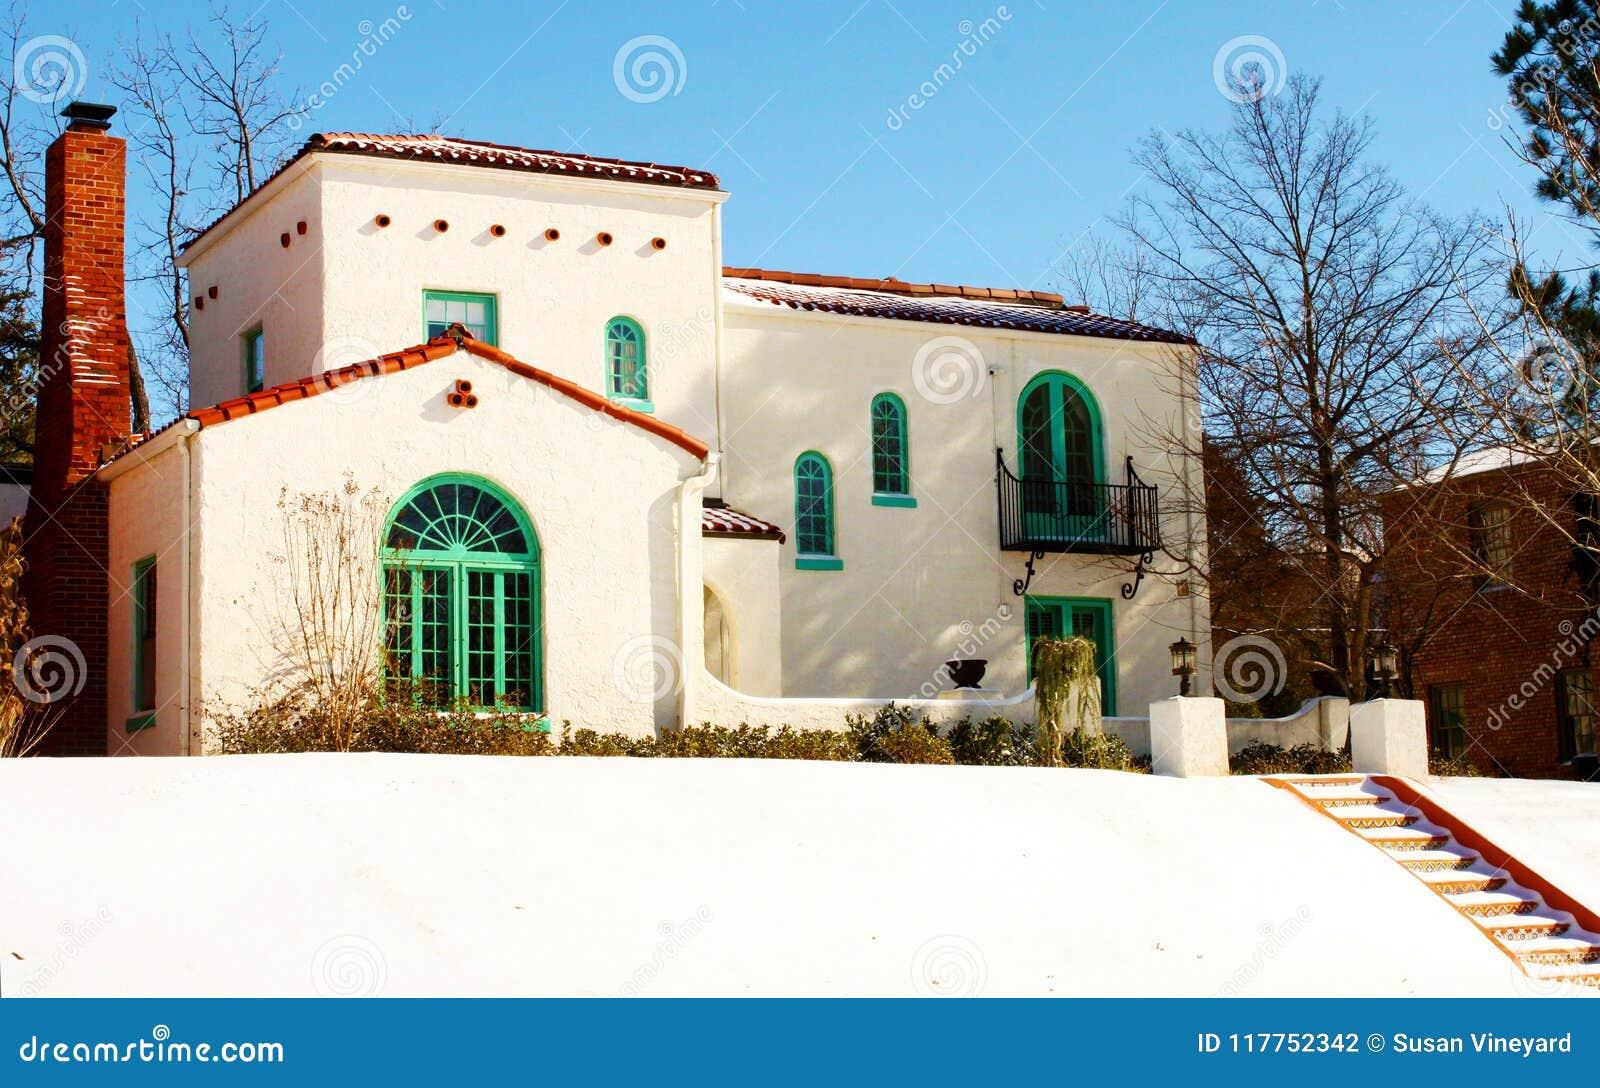 Camera sudoccidentale variopinta sulla collina nella neve con i punti che portano a